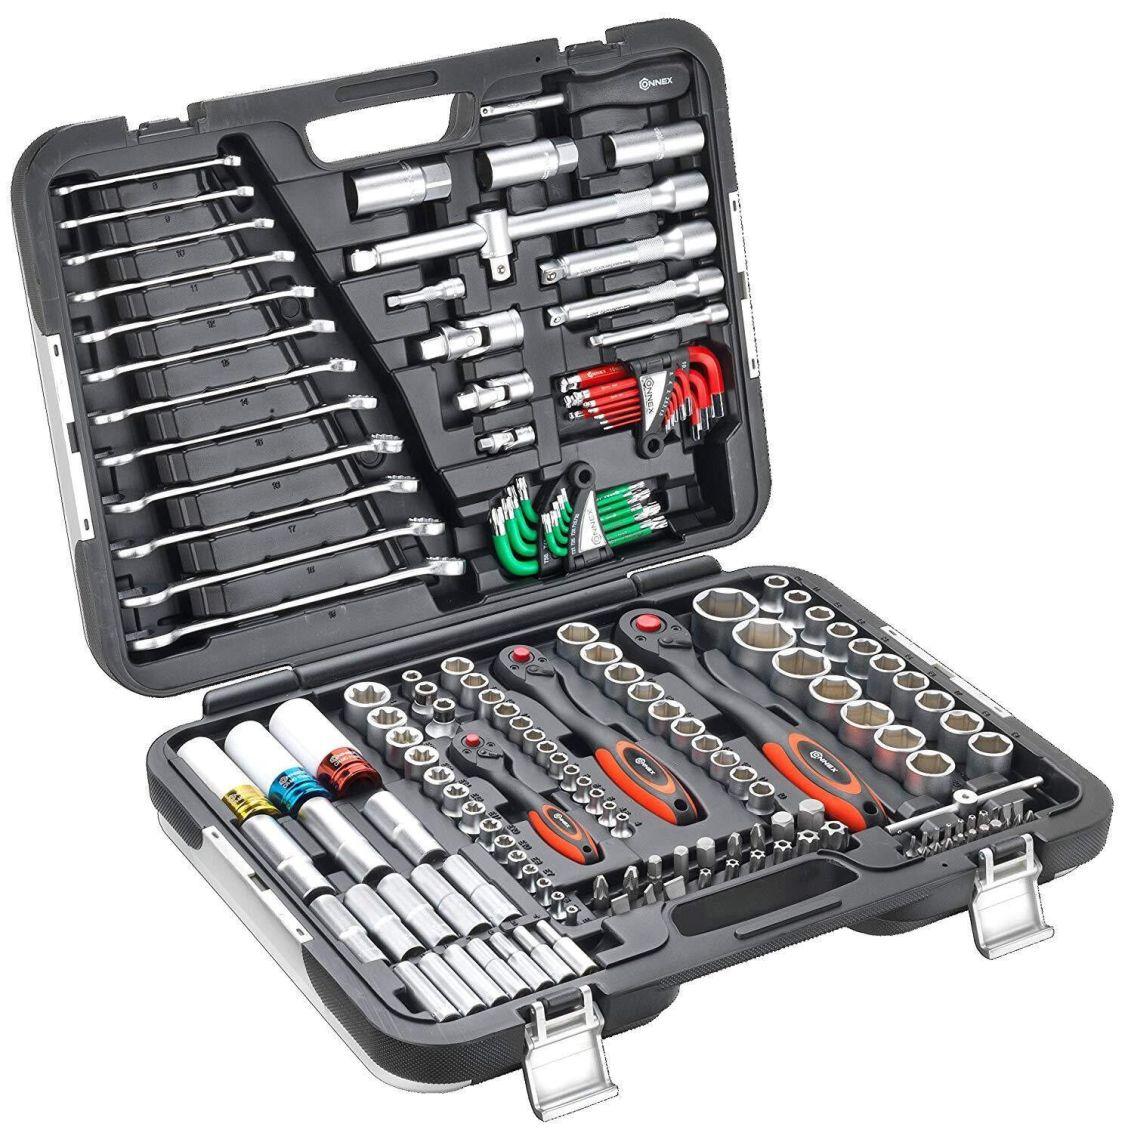 Connex Premium-Werkzeugkoffer/Steckschlüsselsortiment KFZ, 160-teilig, COXBOH60